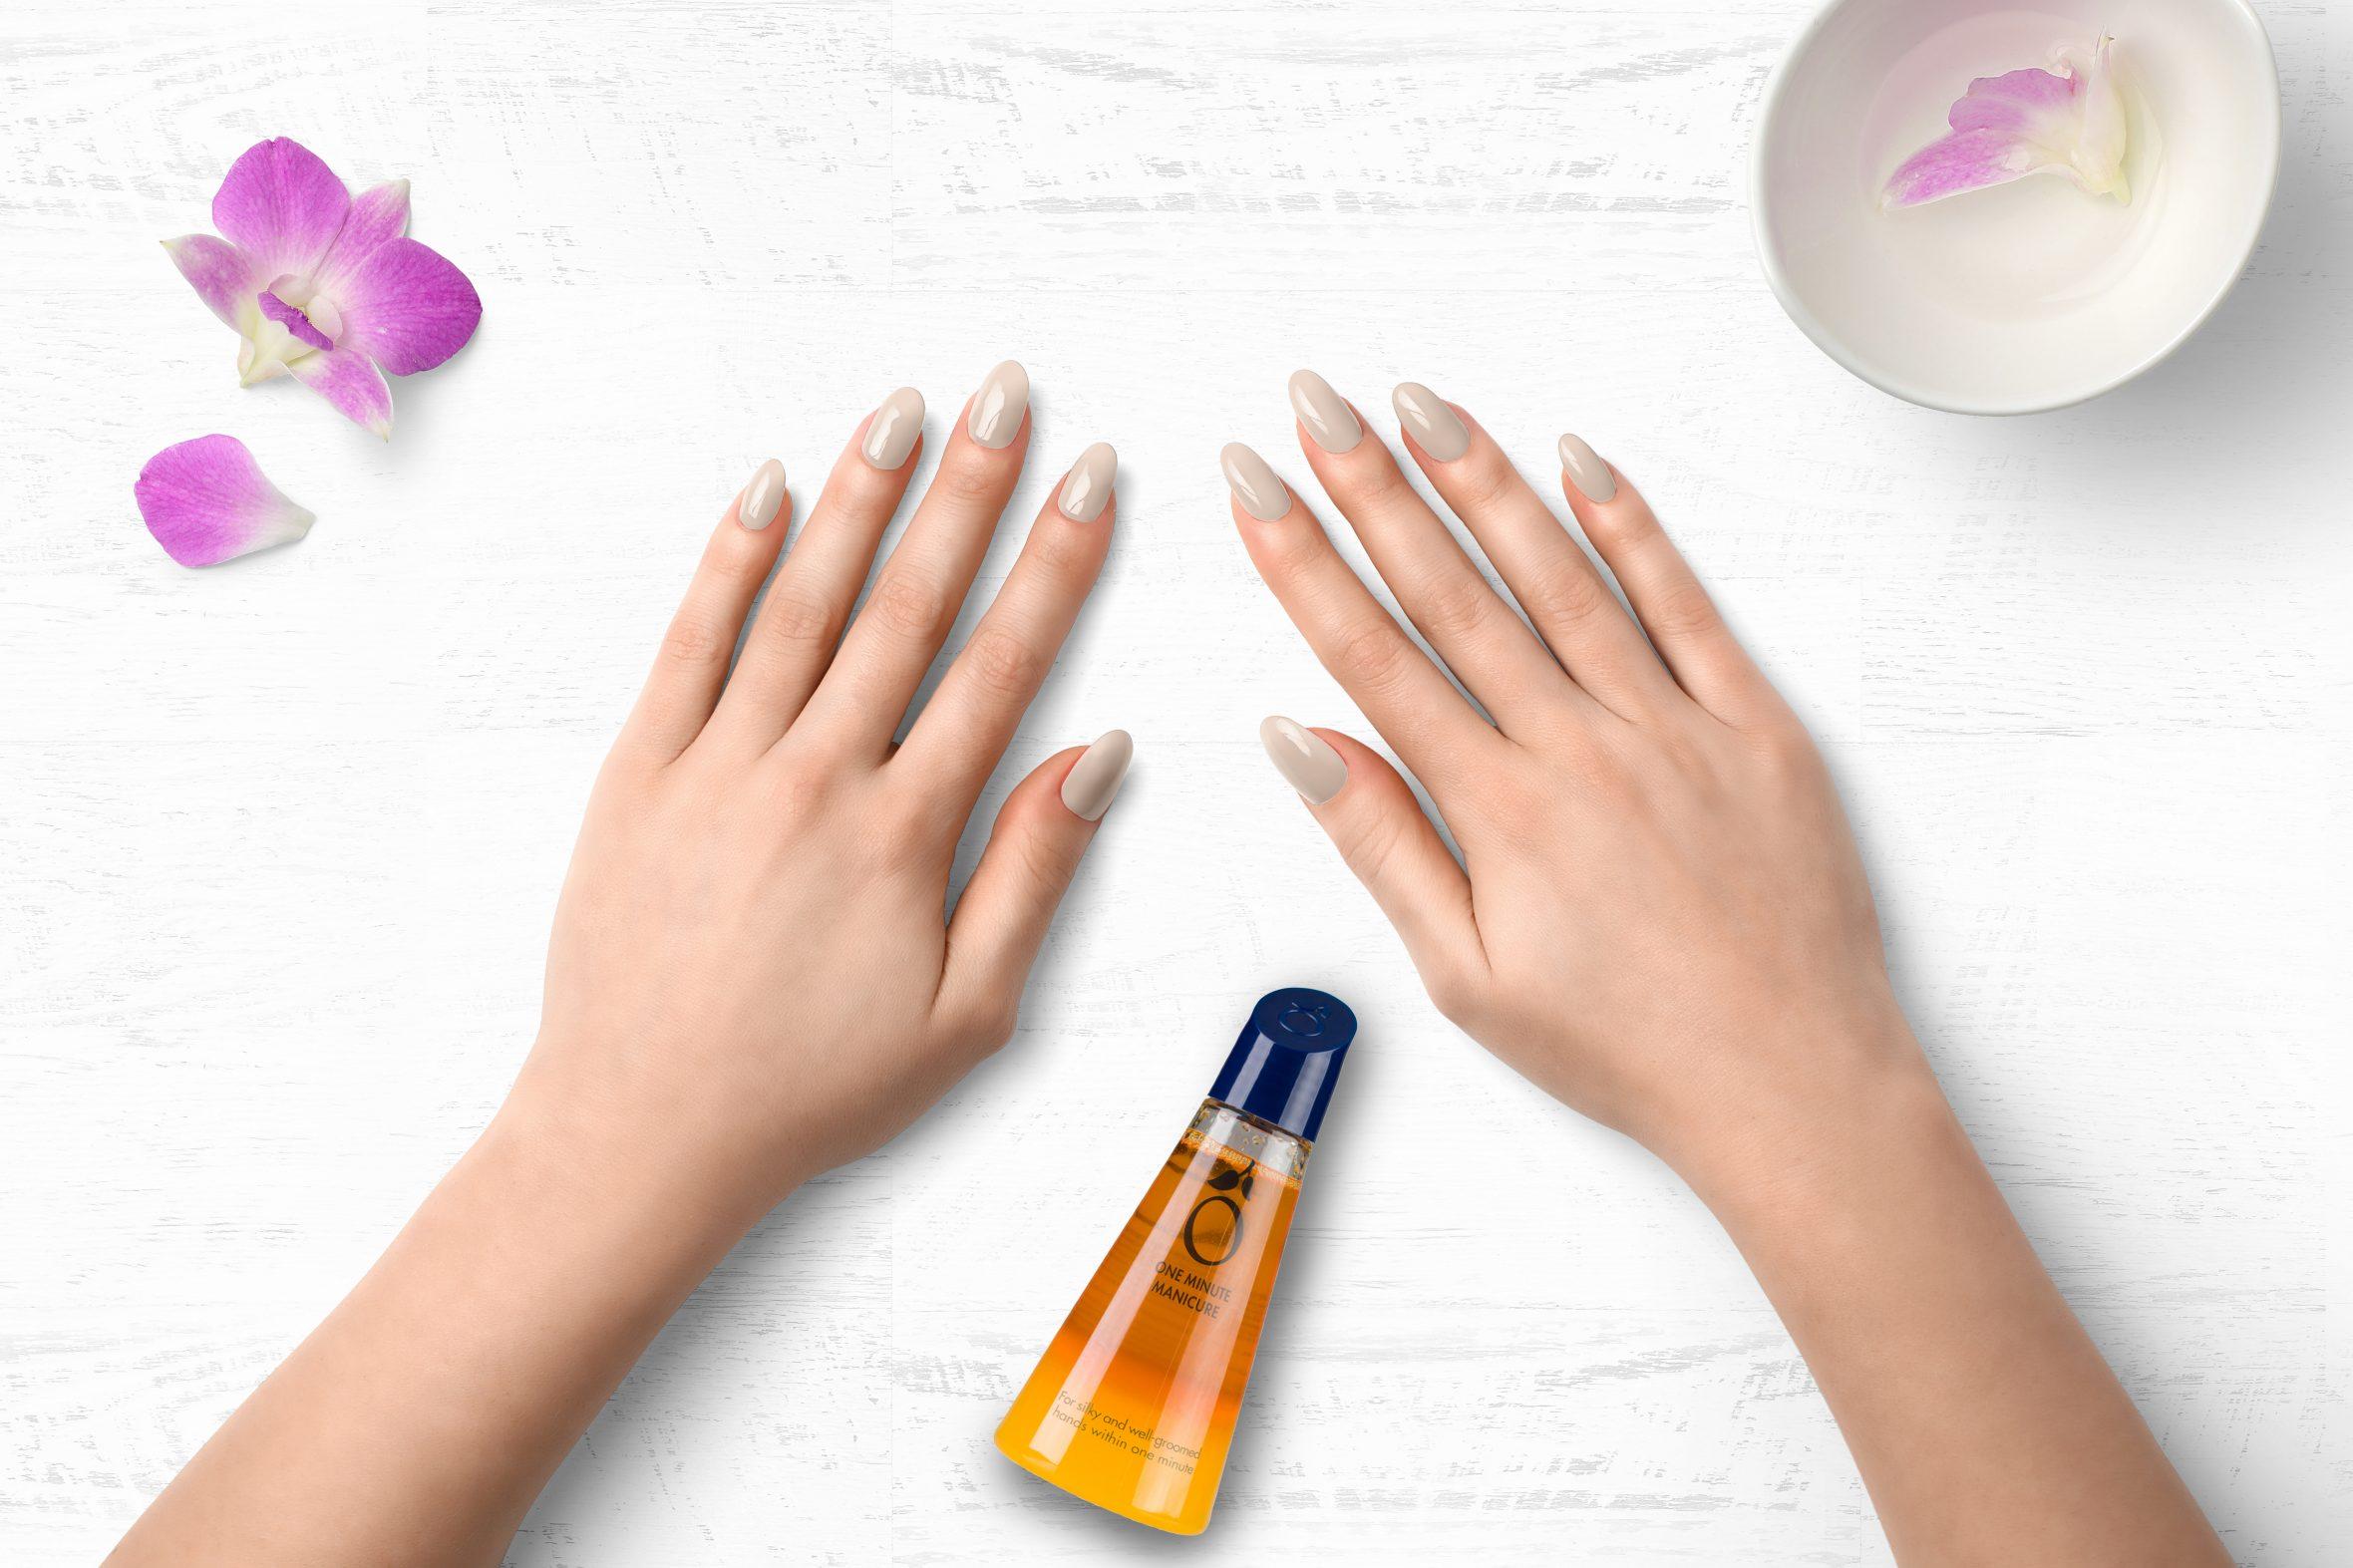 Creme nagellak voor een mooie nagellak